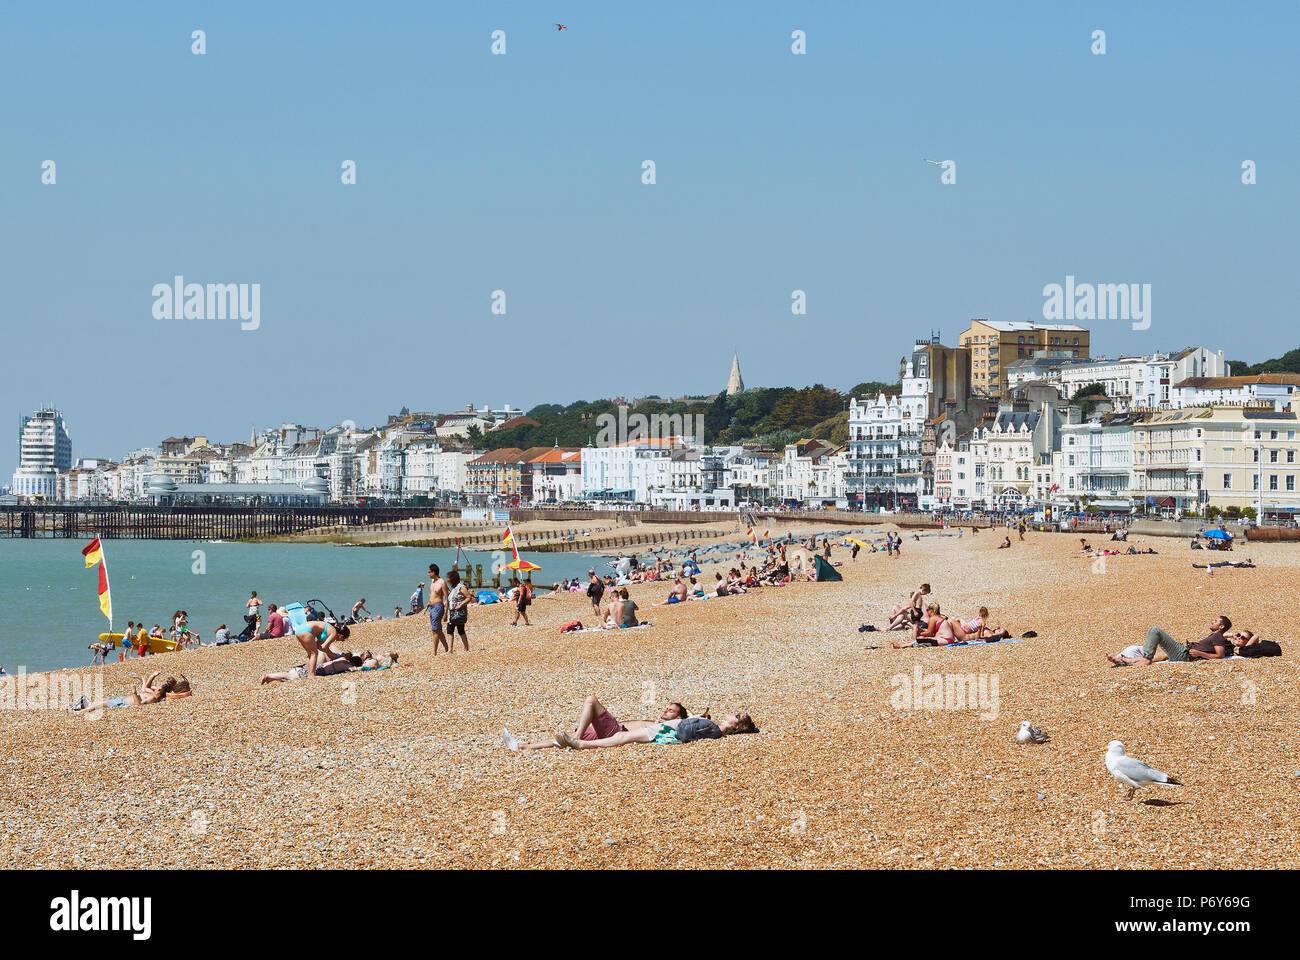 Sunbathers on Hastings Beach, East Sussex, UK in June - Stock Image